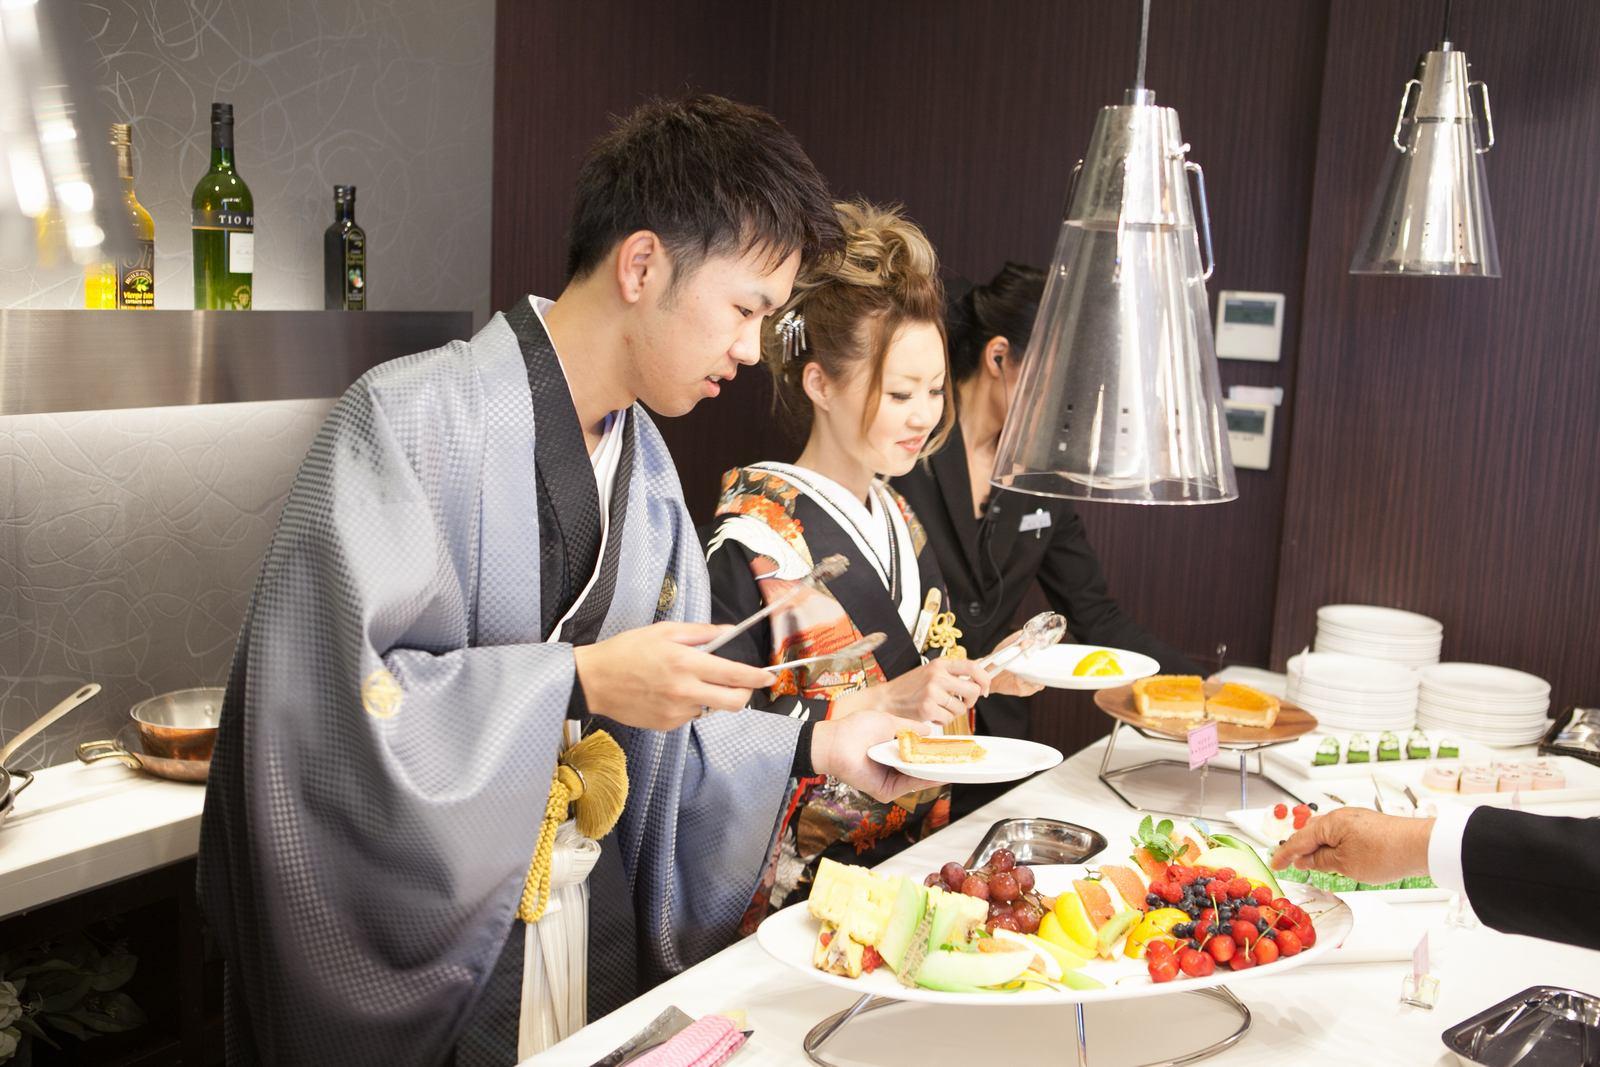 徳島市の結婚式場ブランアンジュで人気のデザートビュッフェを新郎新婦様からゲストへのサービス